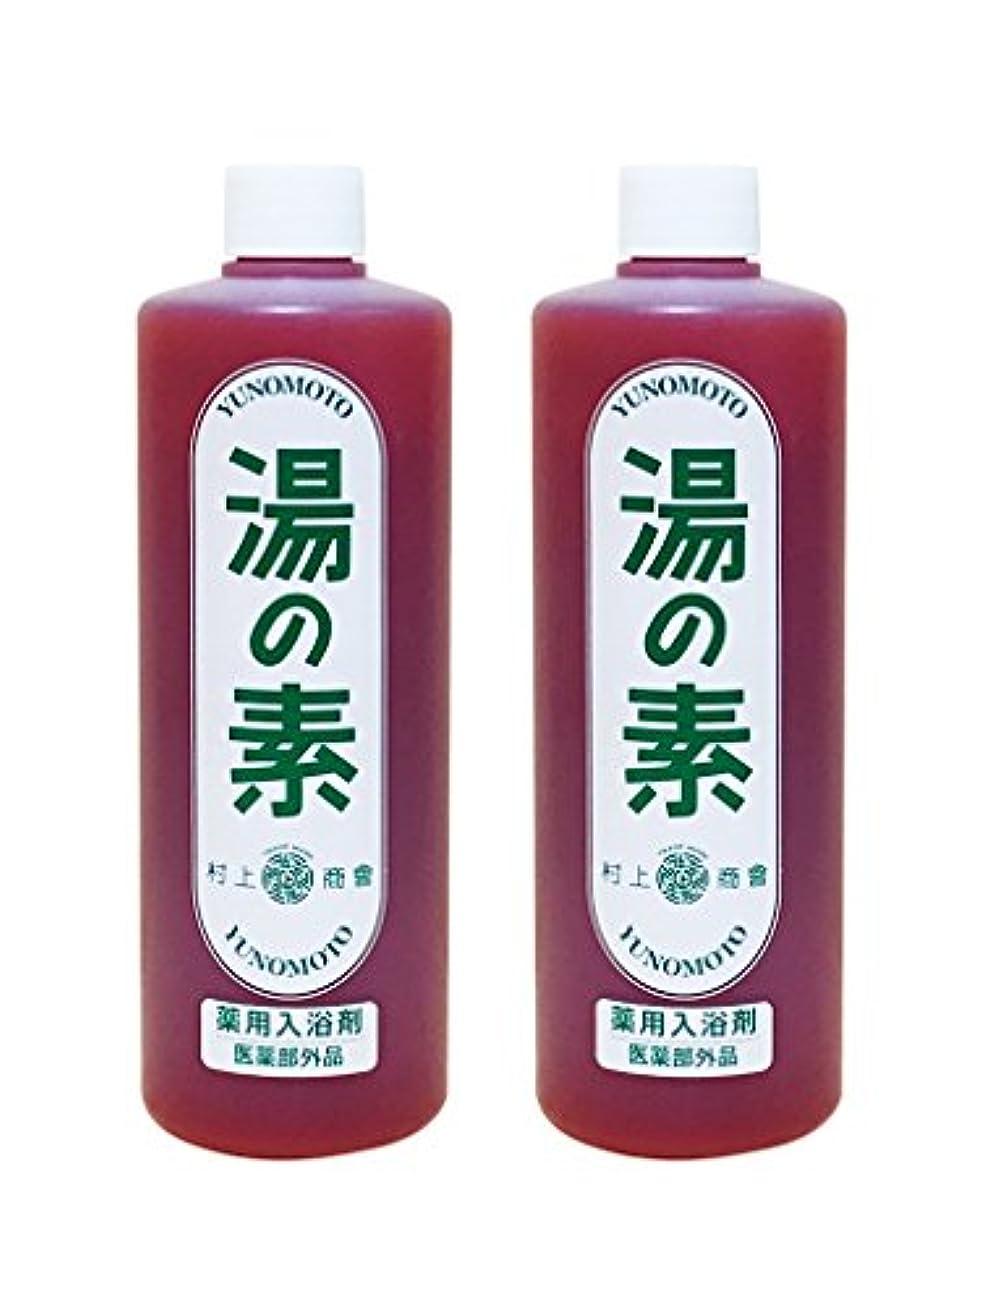 ロール死すべきヒョウ硫黄乳白色湯 湯の素 薬用入浴剤 (医薬部外品) 490g 2本セット